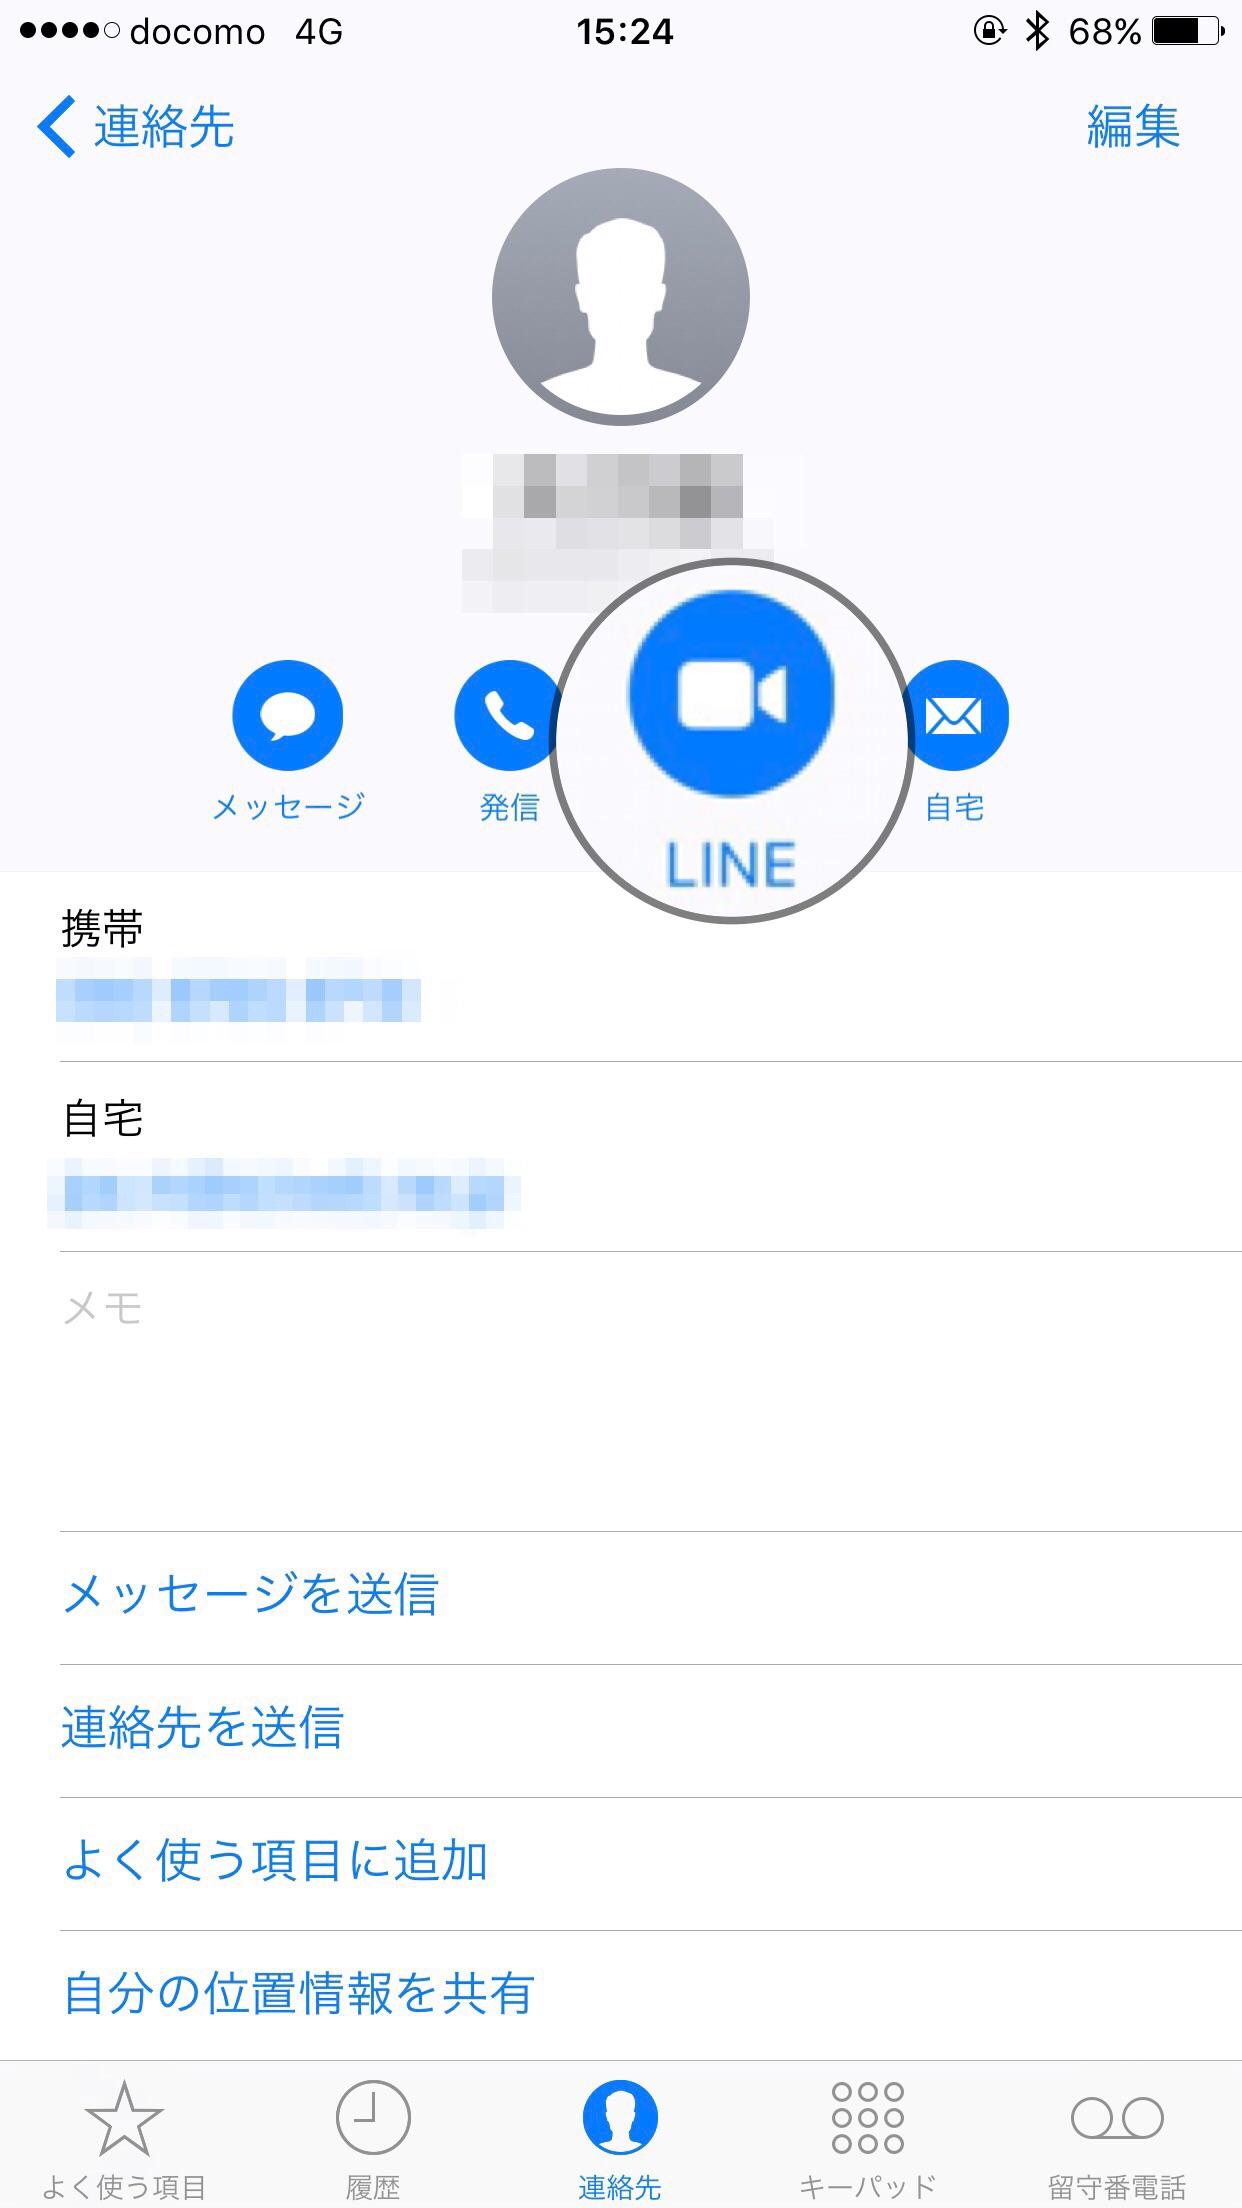 LINEがiOS 10に対応